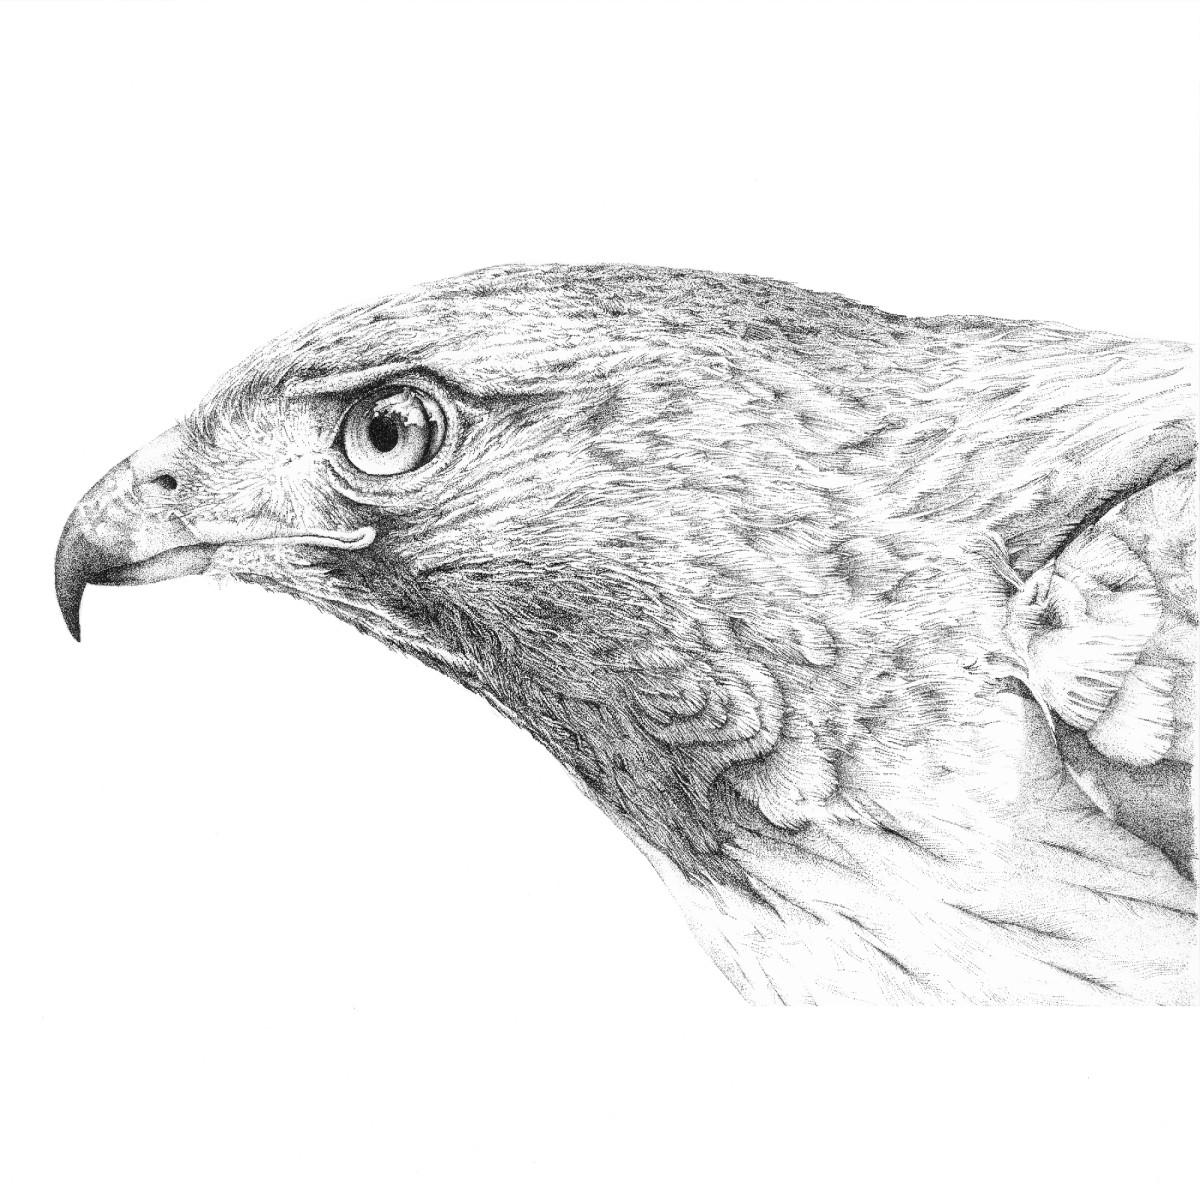 Red Tail Hawk - Head